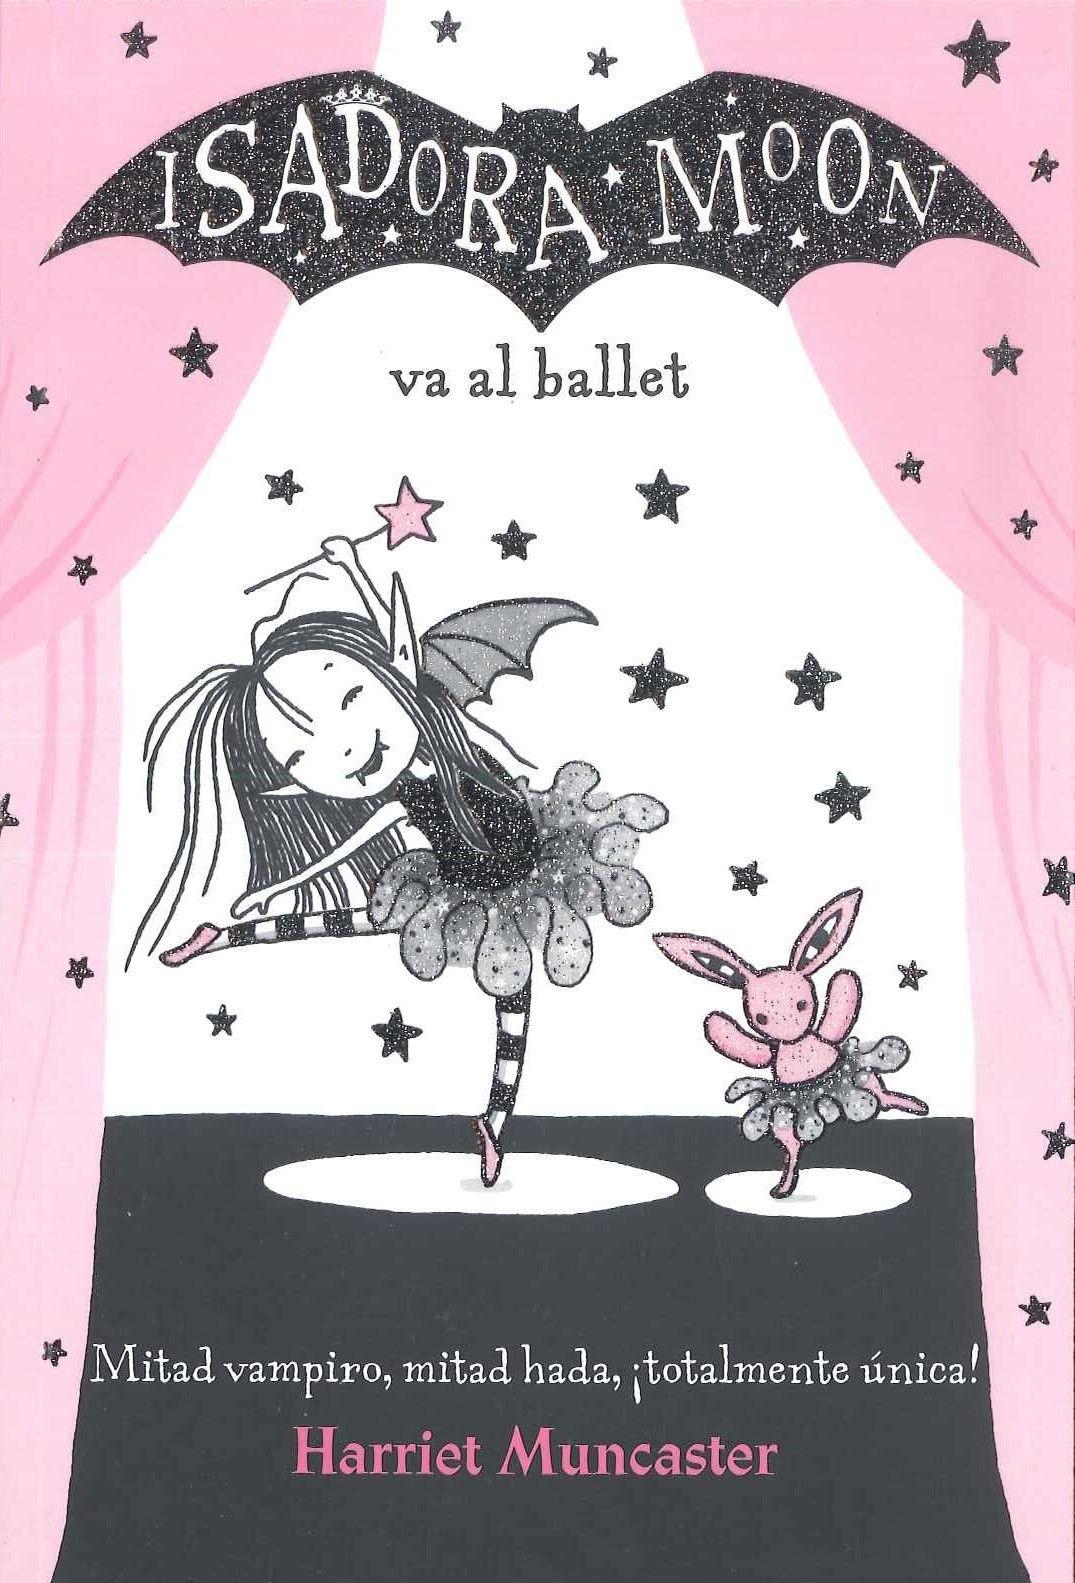 """""""Isadora Moon va al ballet. Harriet Muncaster"""""""